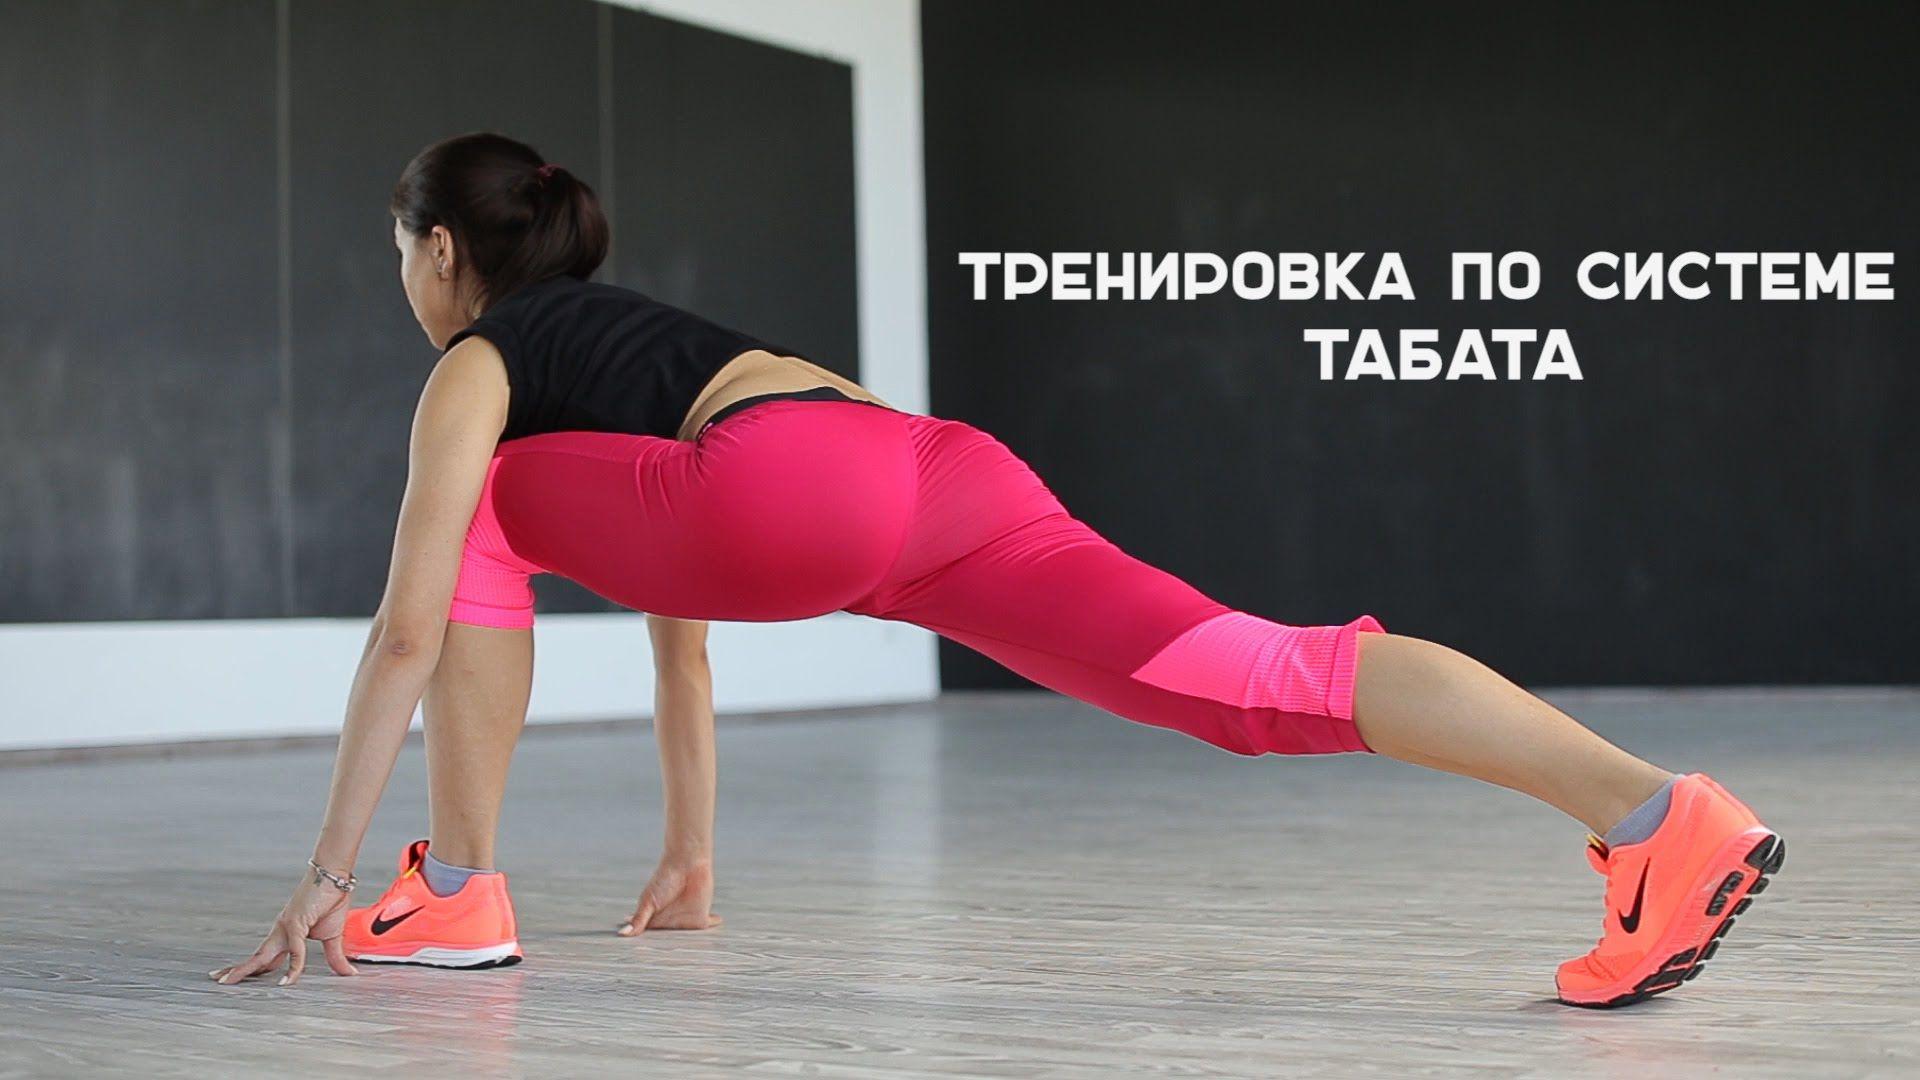 Спортивная Система Похудения. Физические нагрузки для похудения и поддержание здоровья